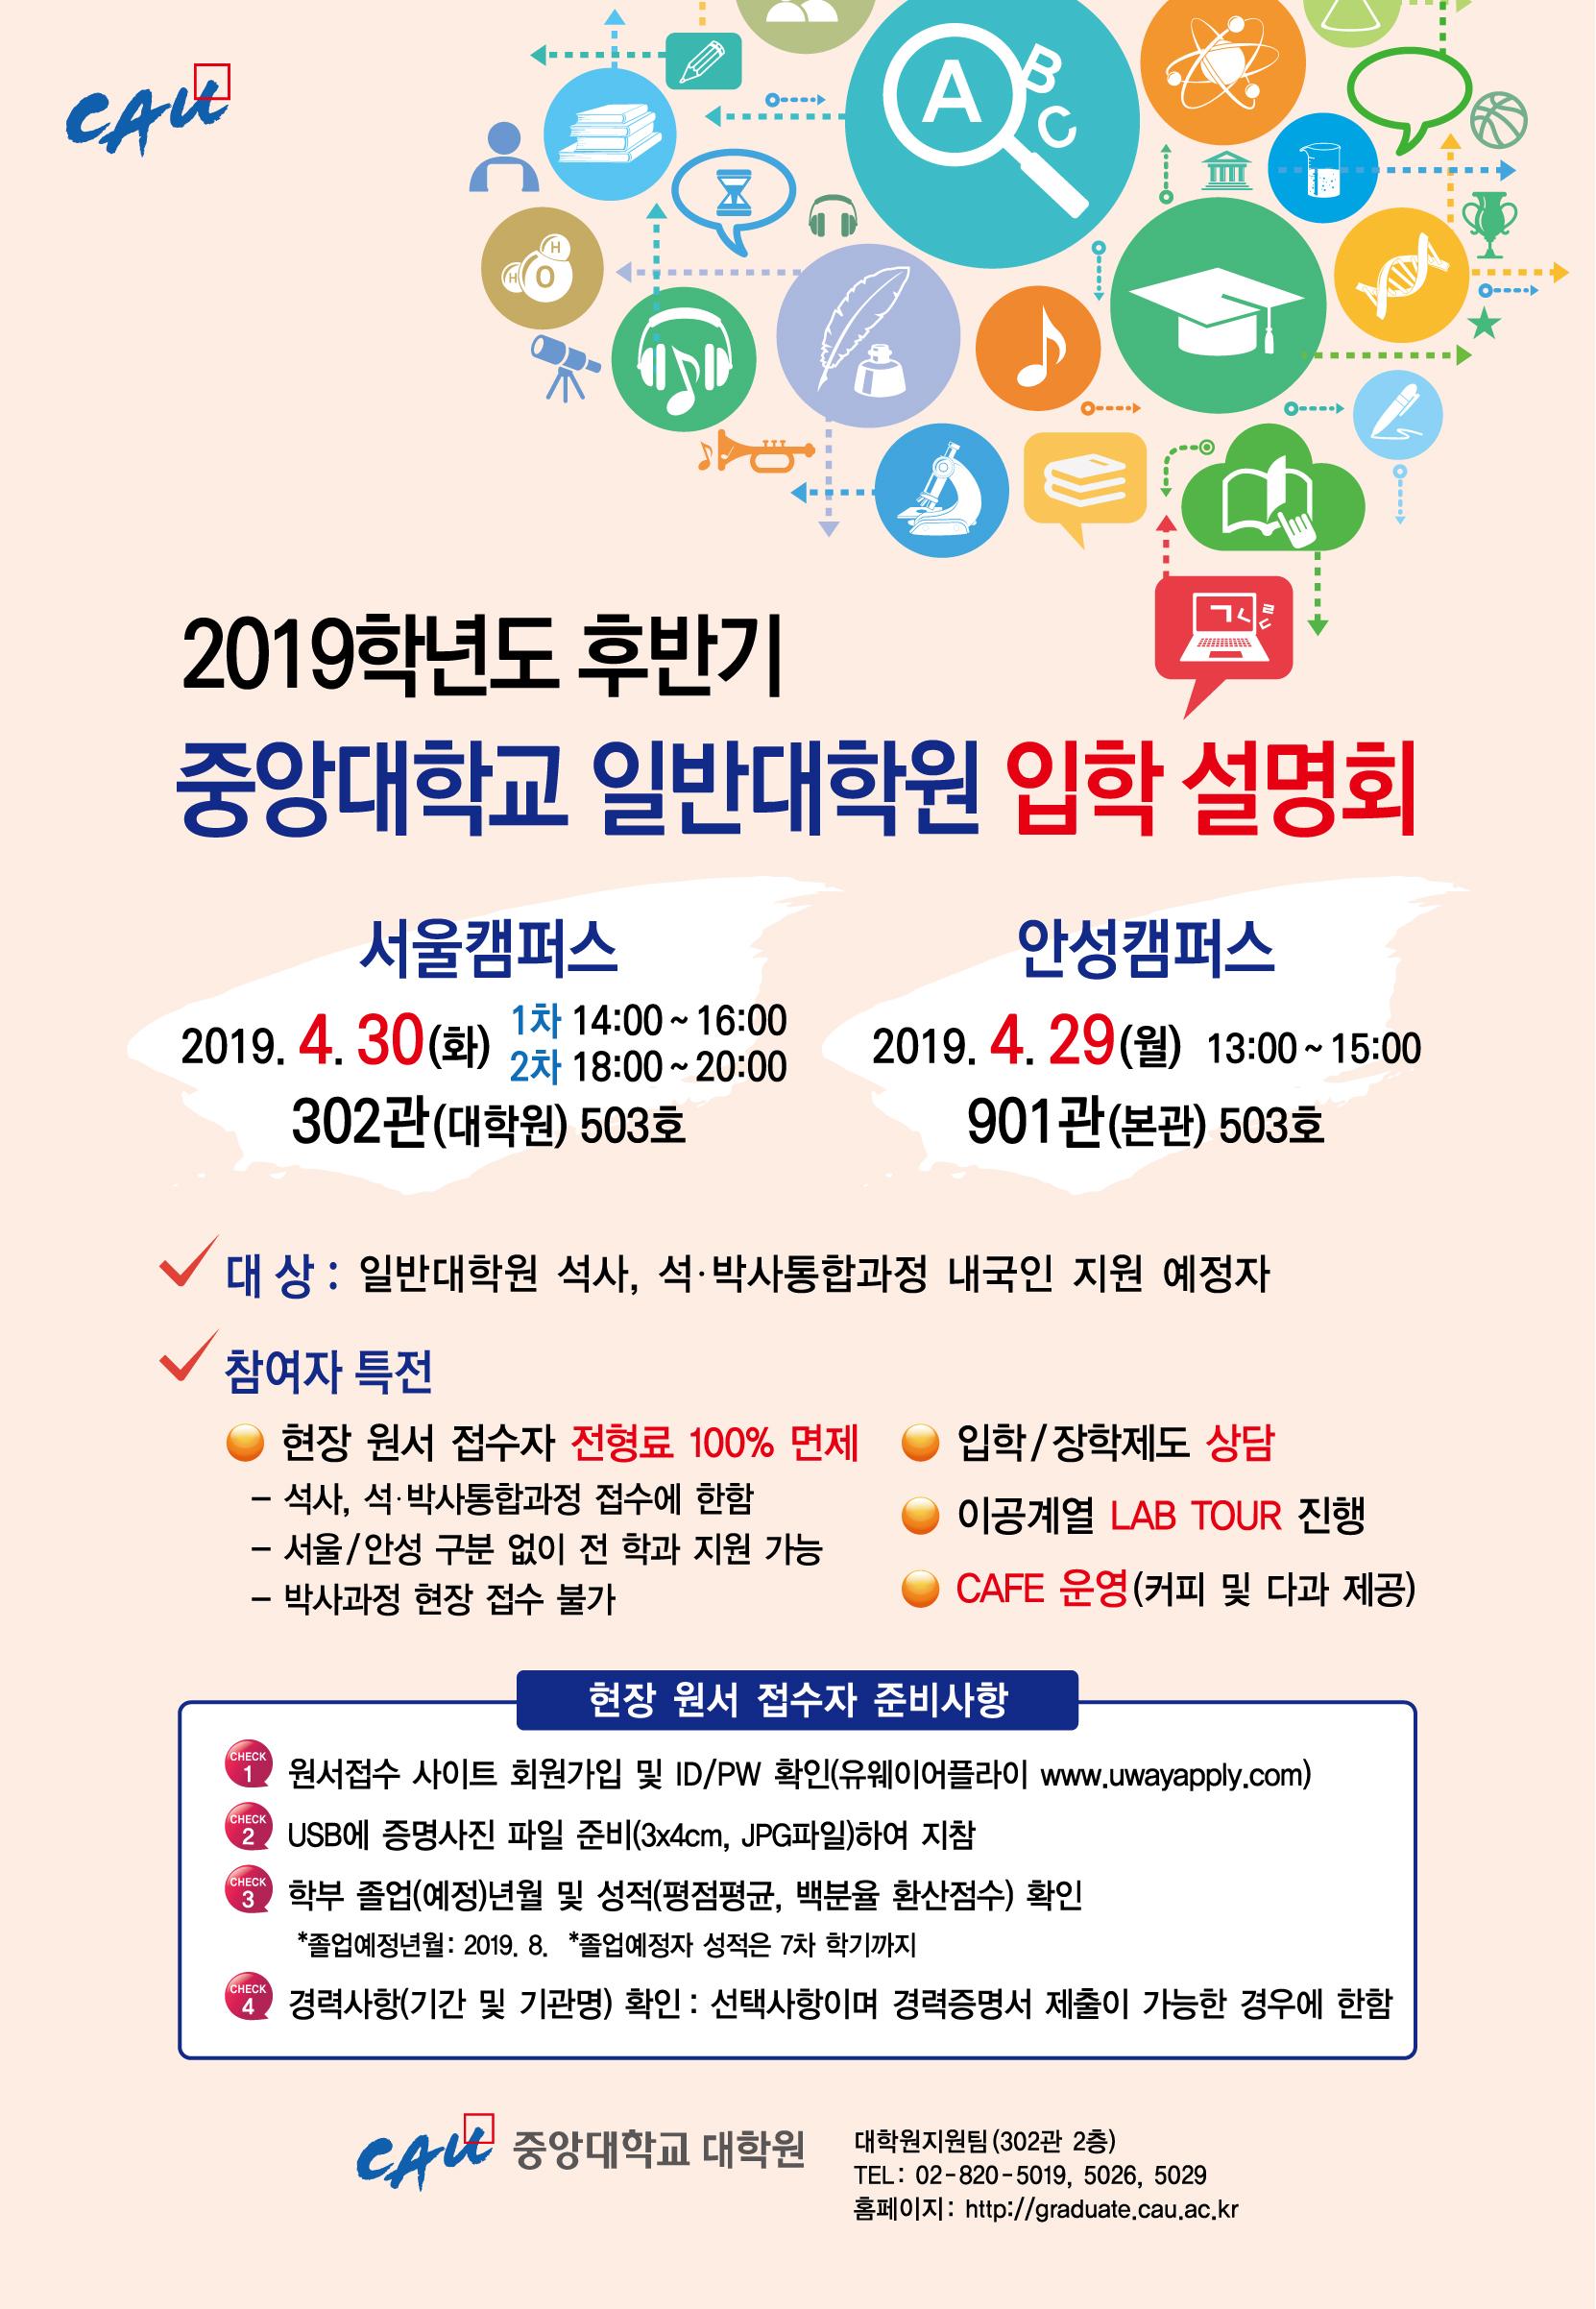 2019학년도 후반기 대학원 입학설명회 포스터.jpg